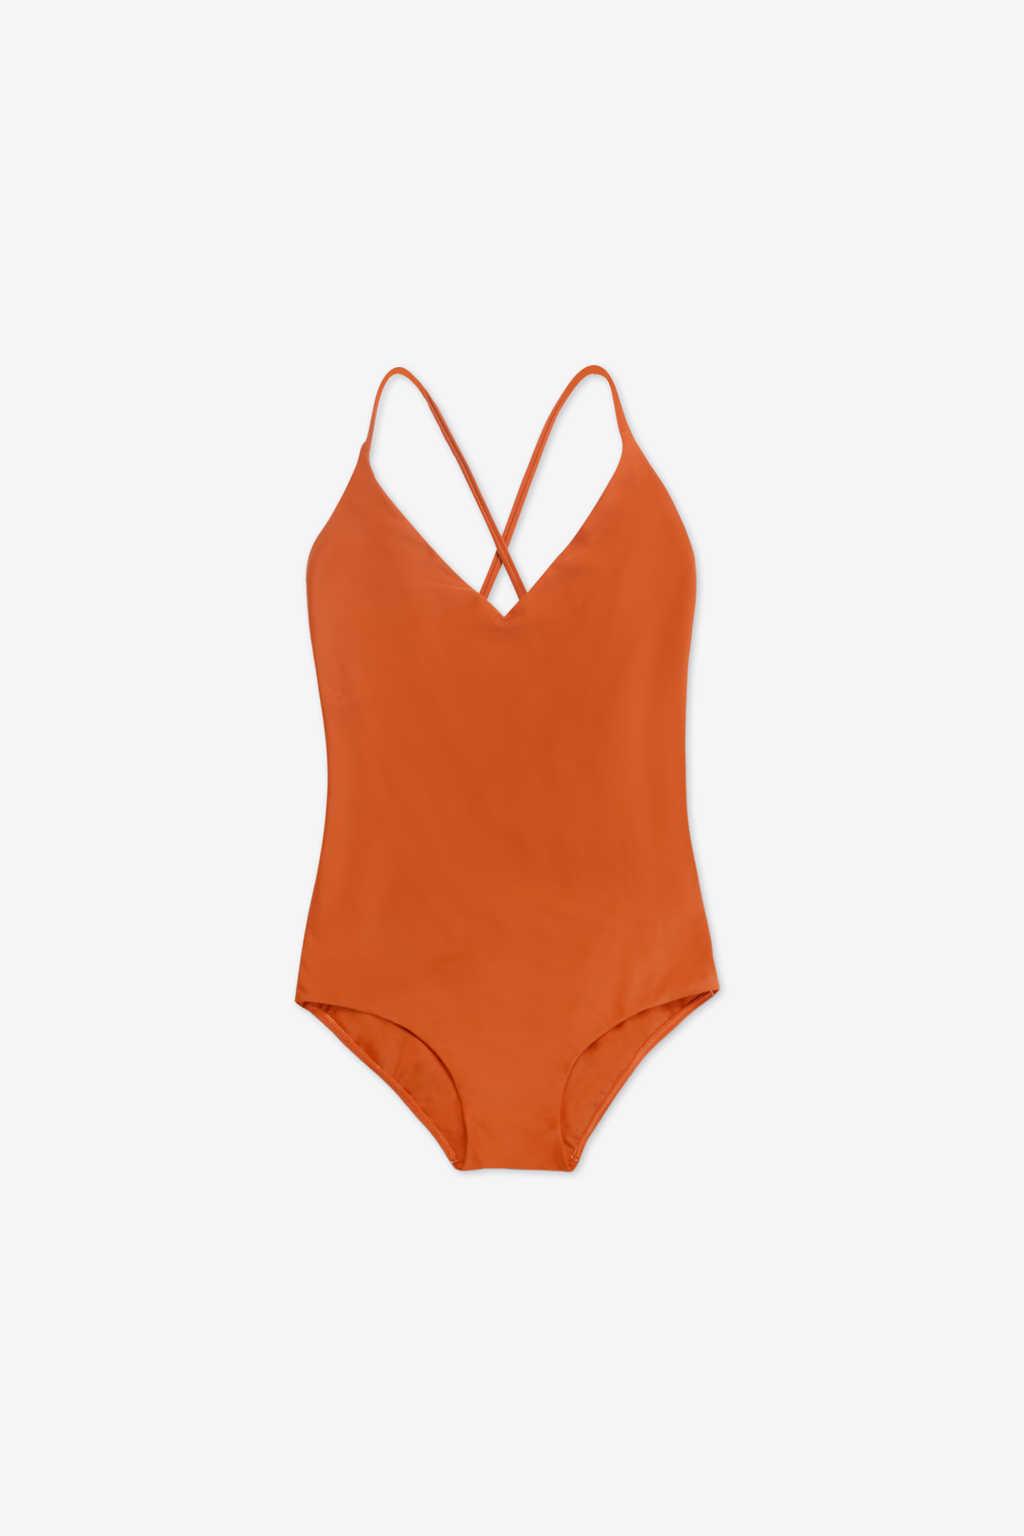 Swimsuit 2202 Orange 7